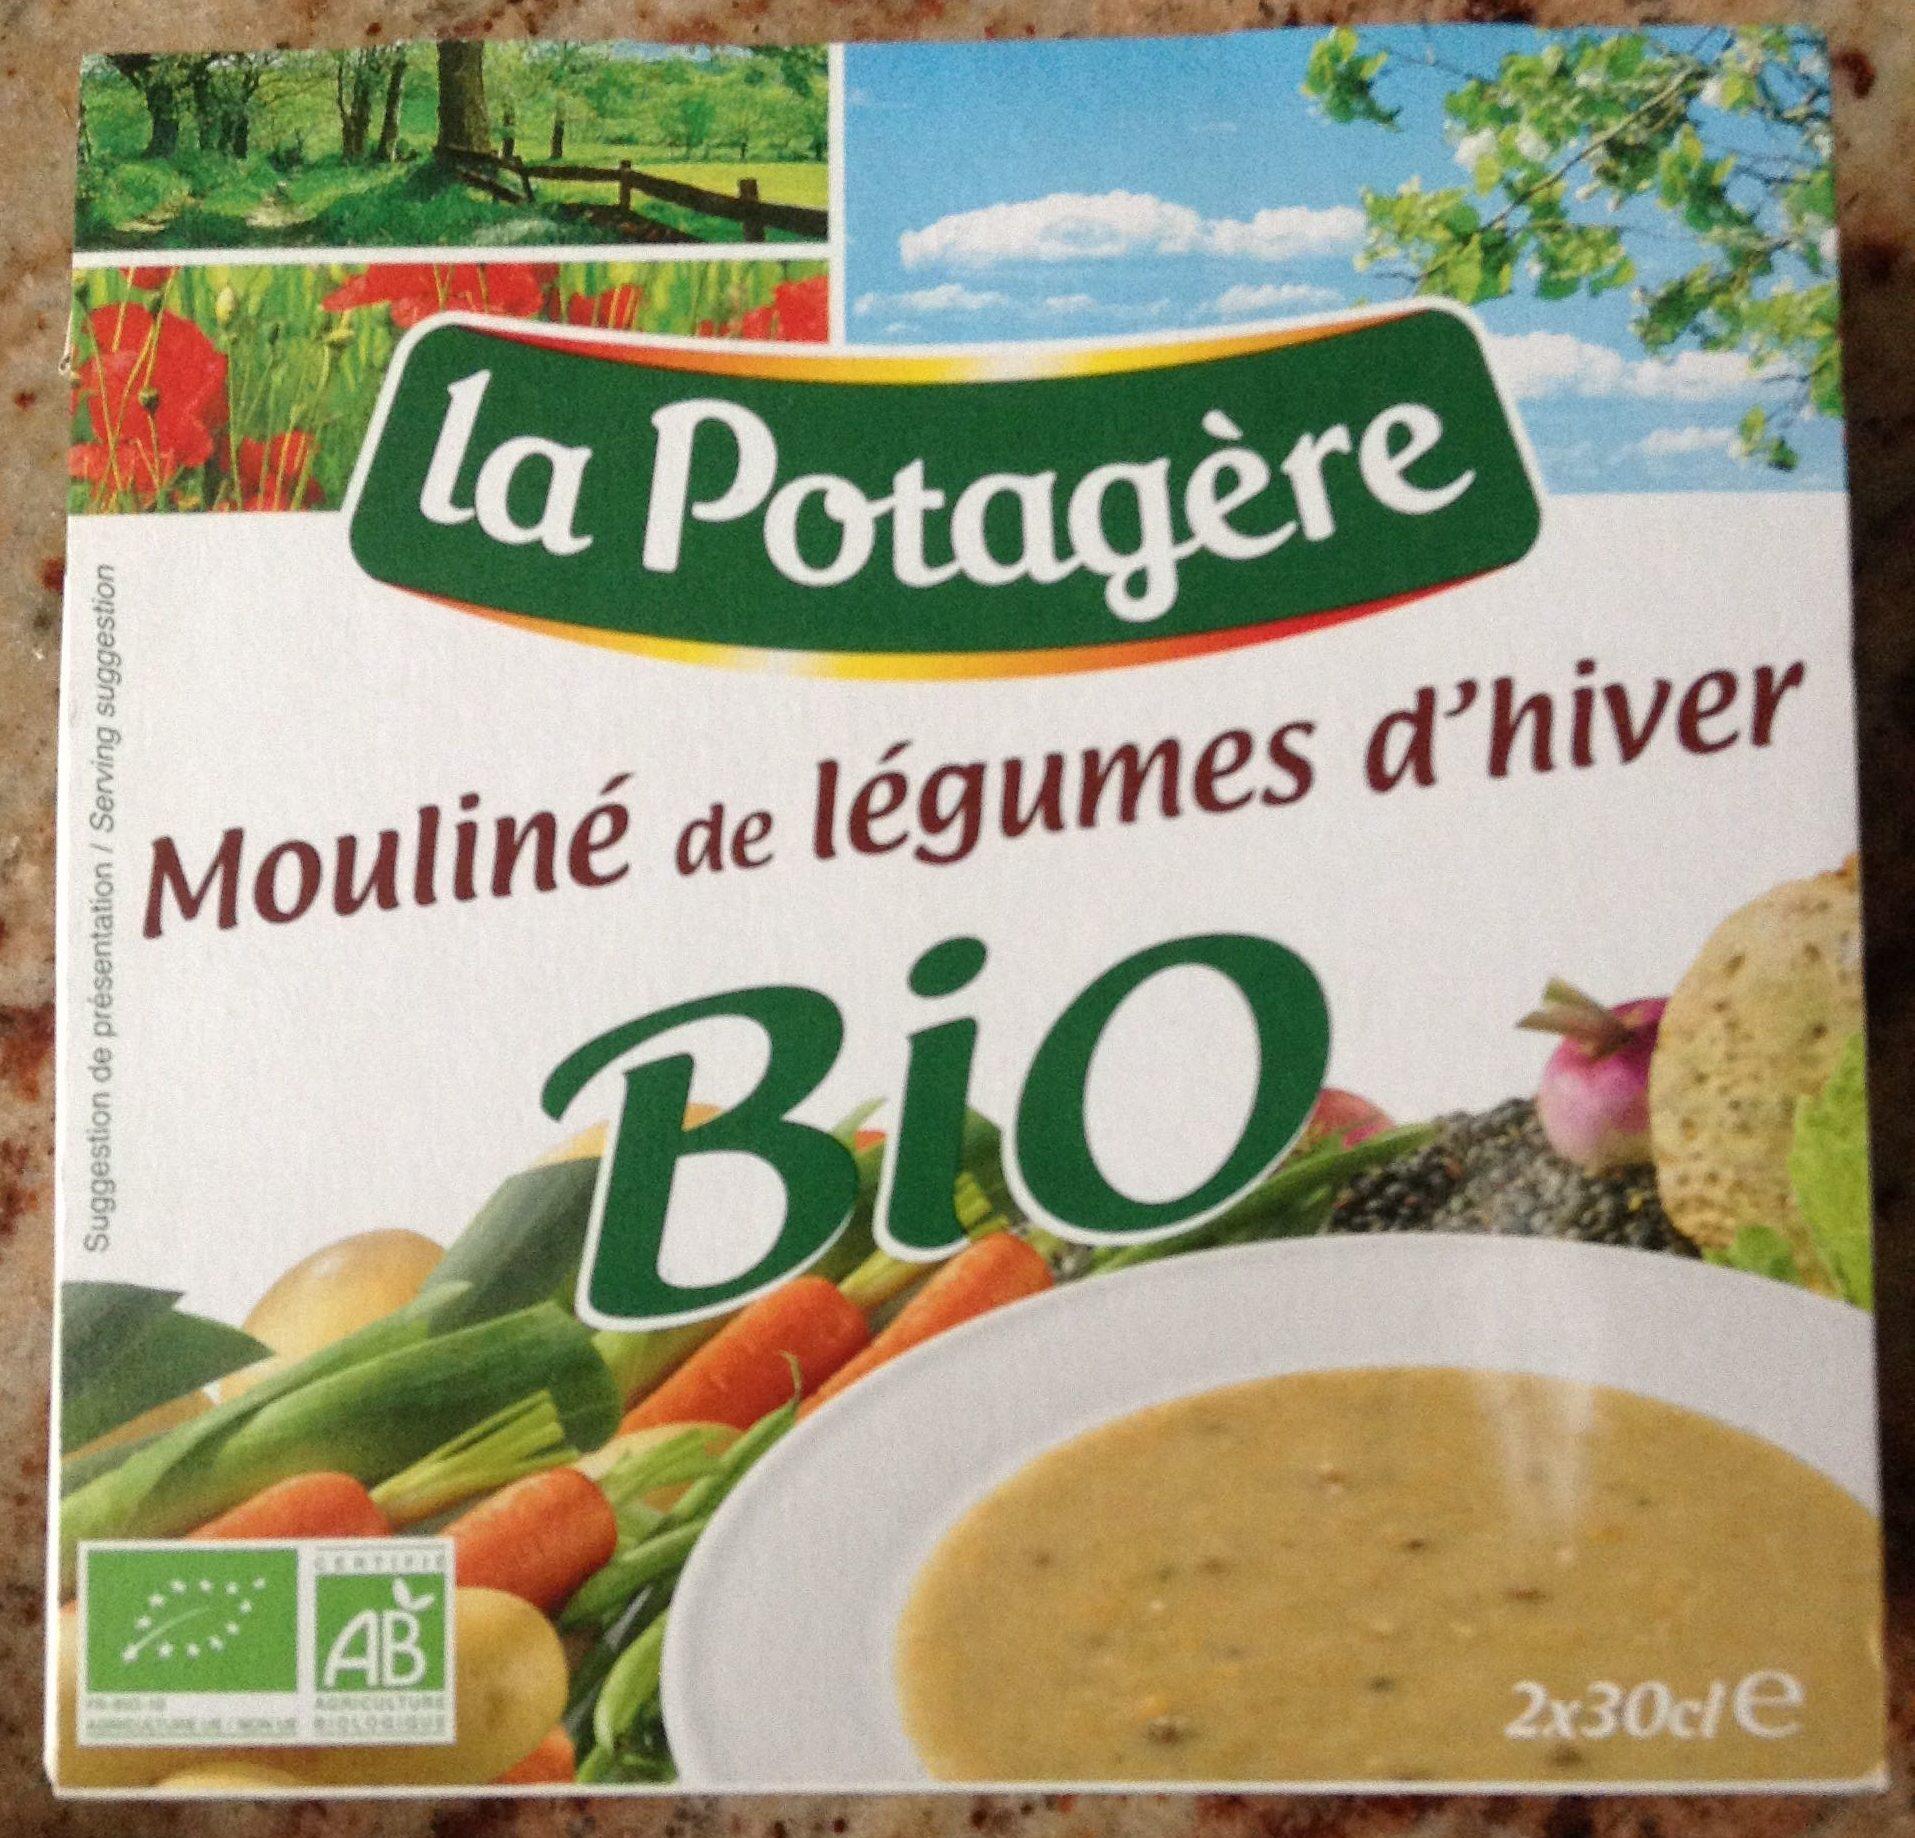 Mouliné de légumes d hiver bio - Produit - fr